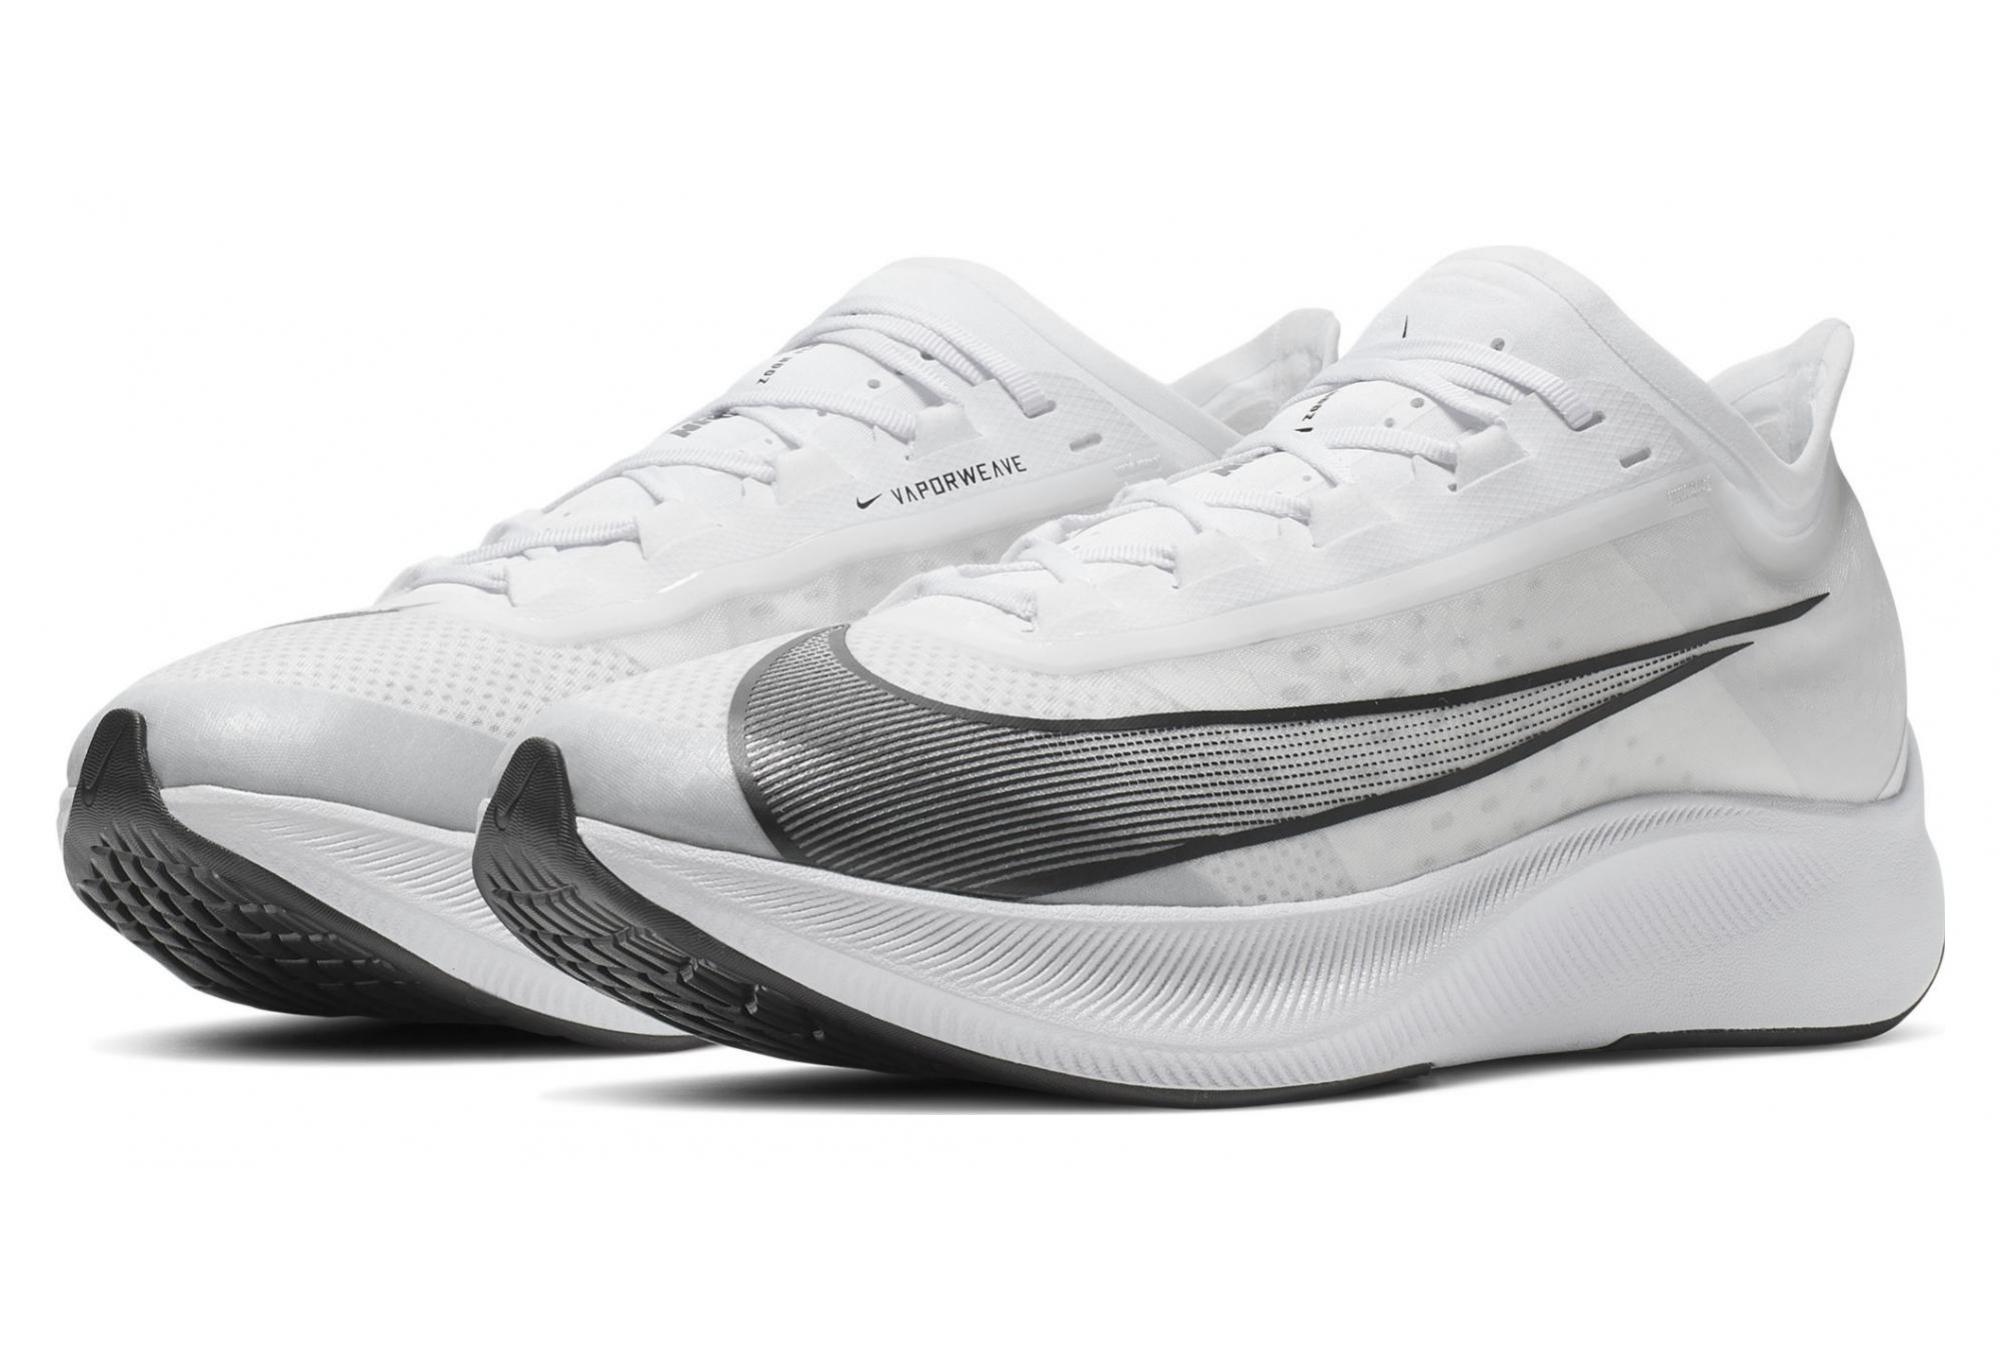 Chaussures de Running Nike Zoom Fly 3 Blanc | Alltricks.fr